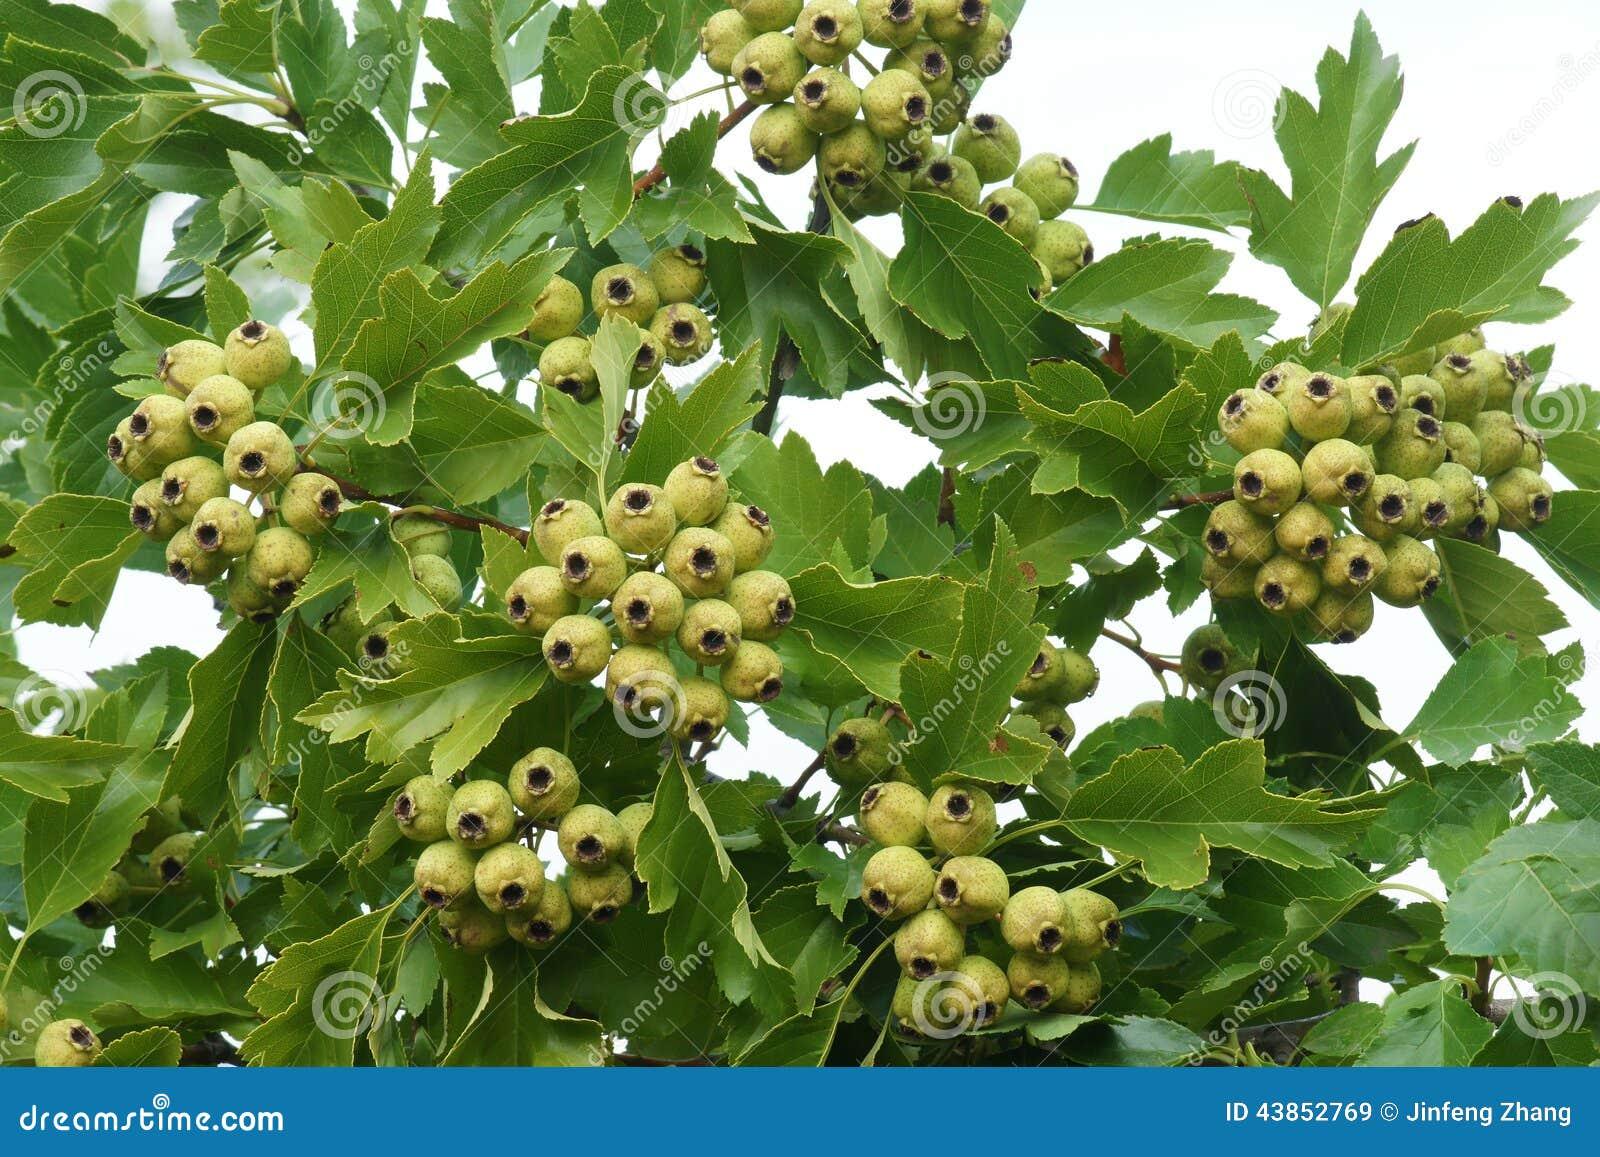 梦见一树绿果子